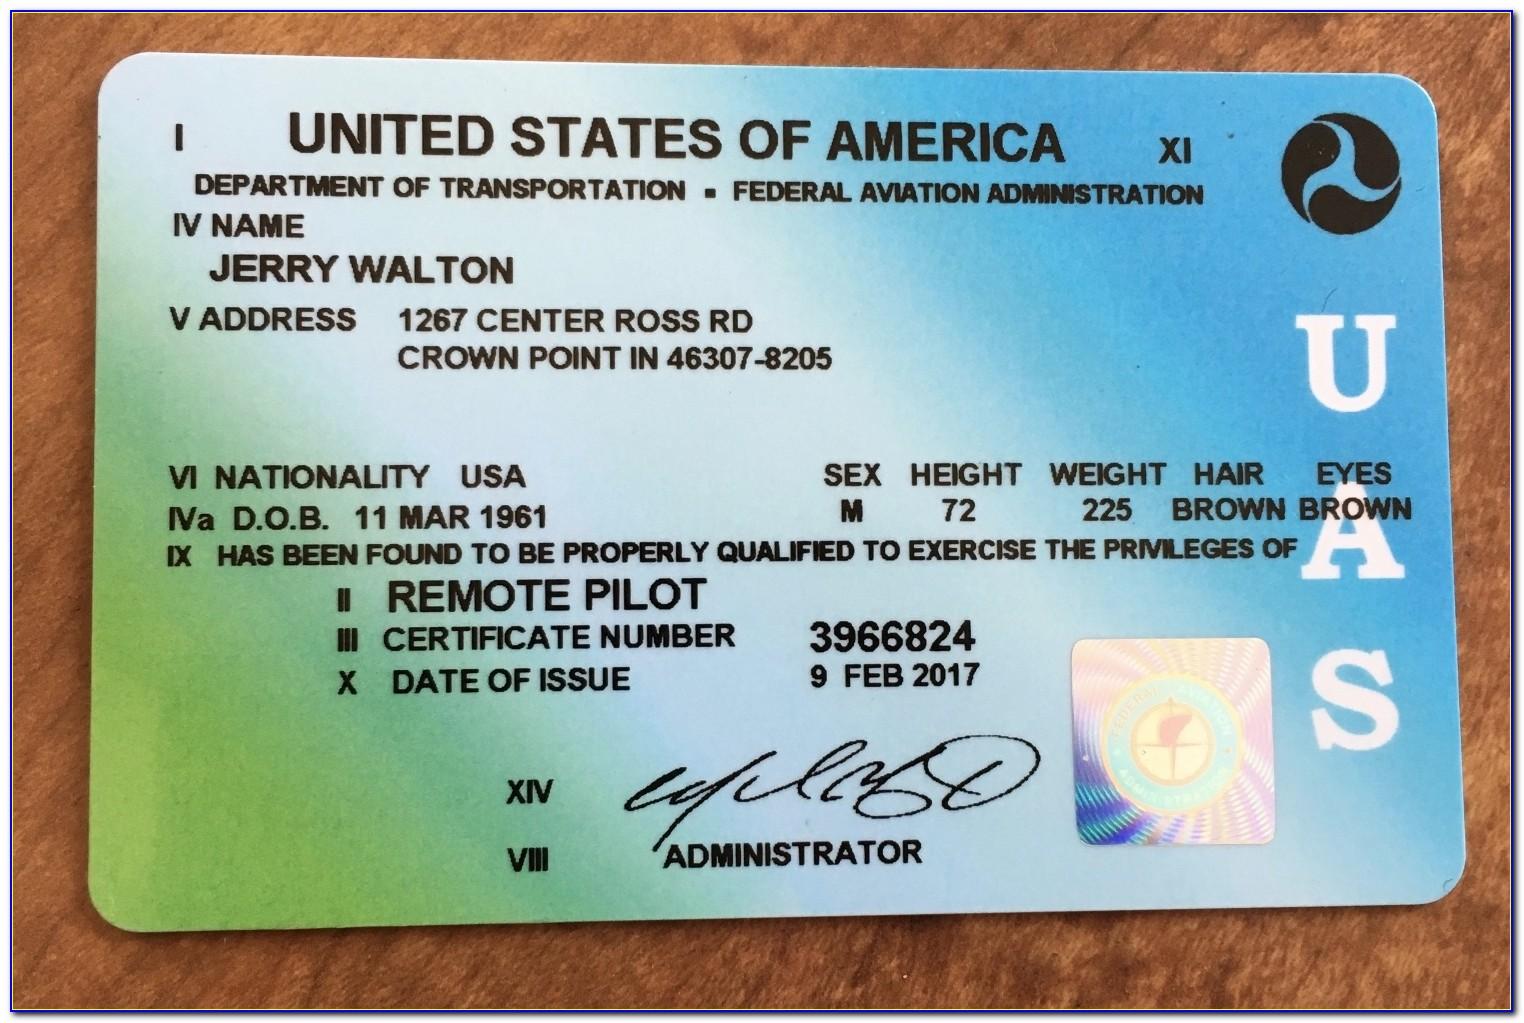 Faa Remote Pilot Certificate Expiration